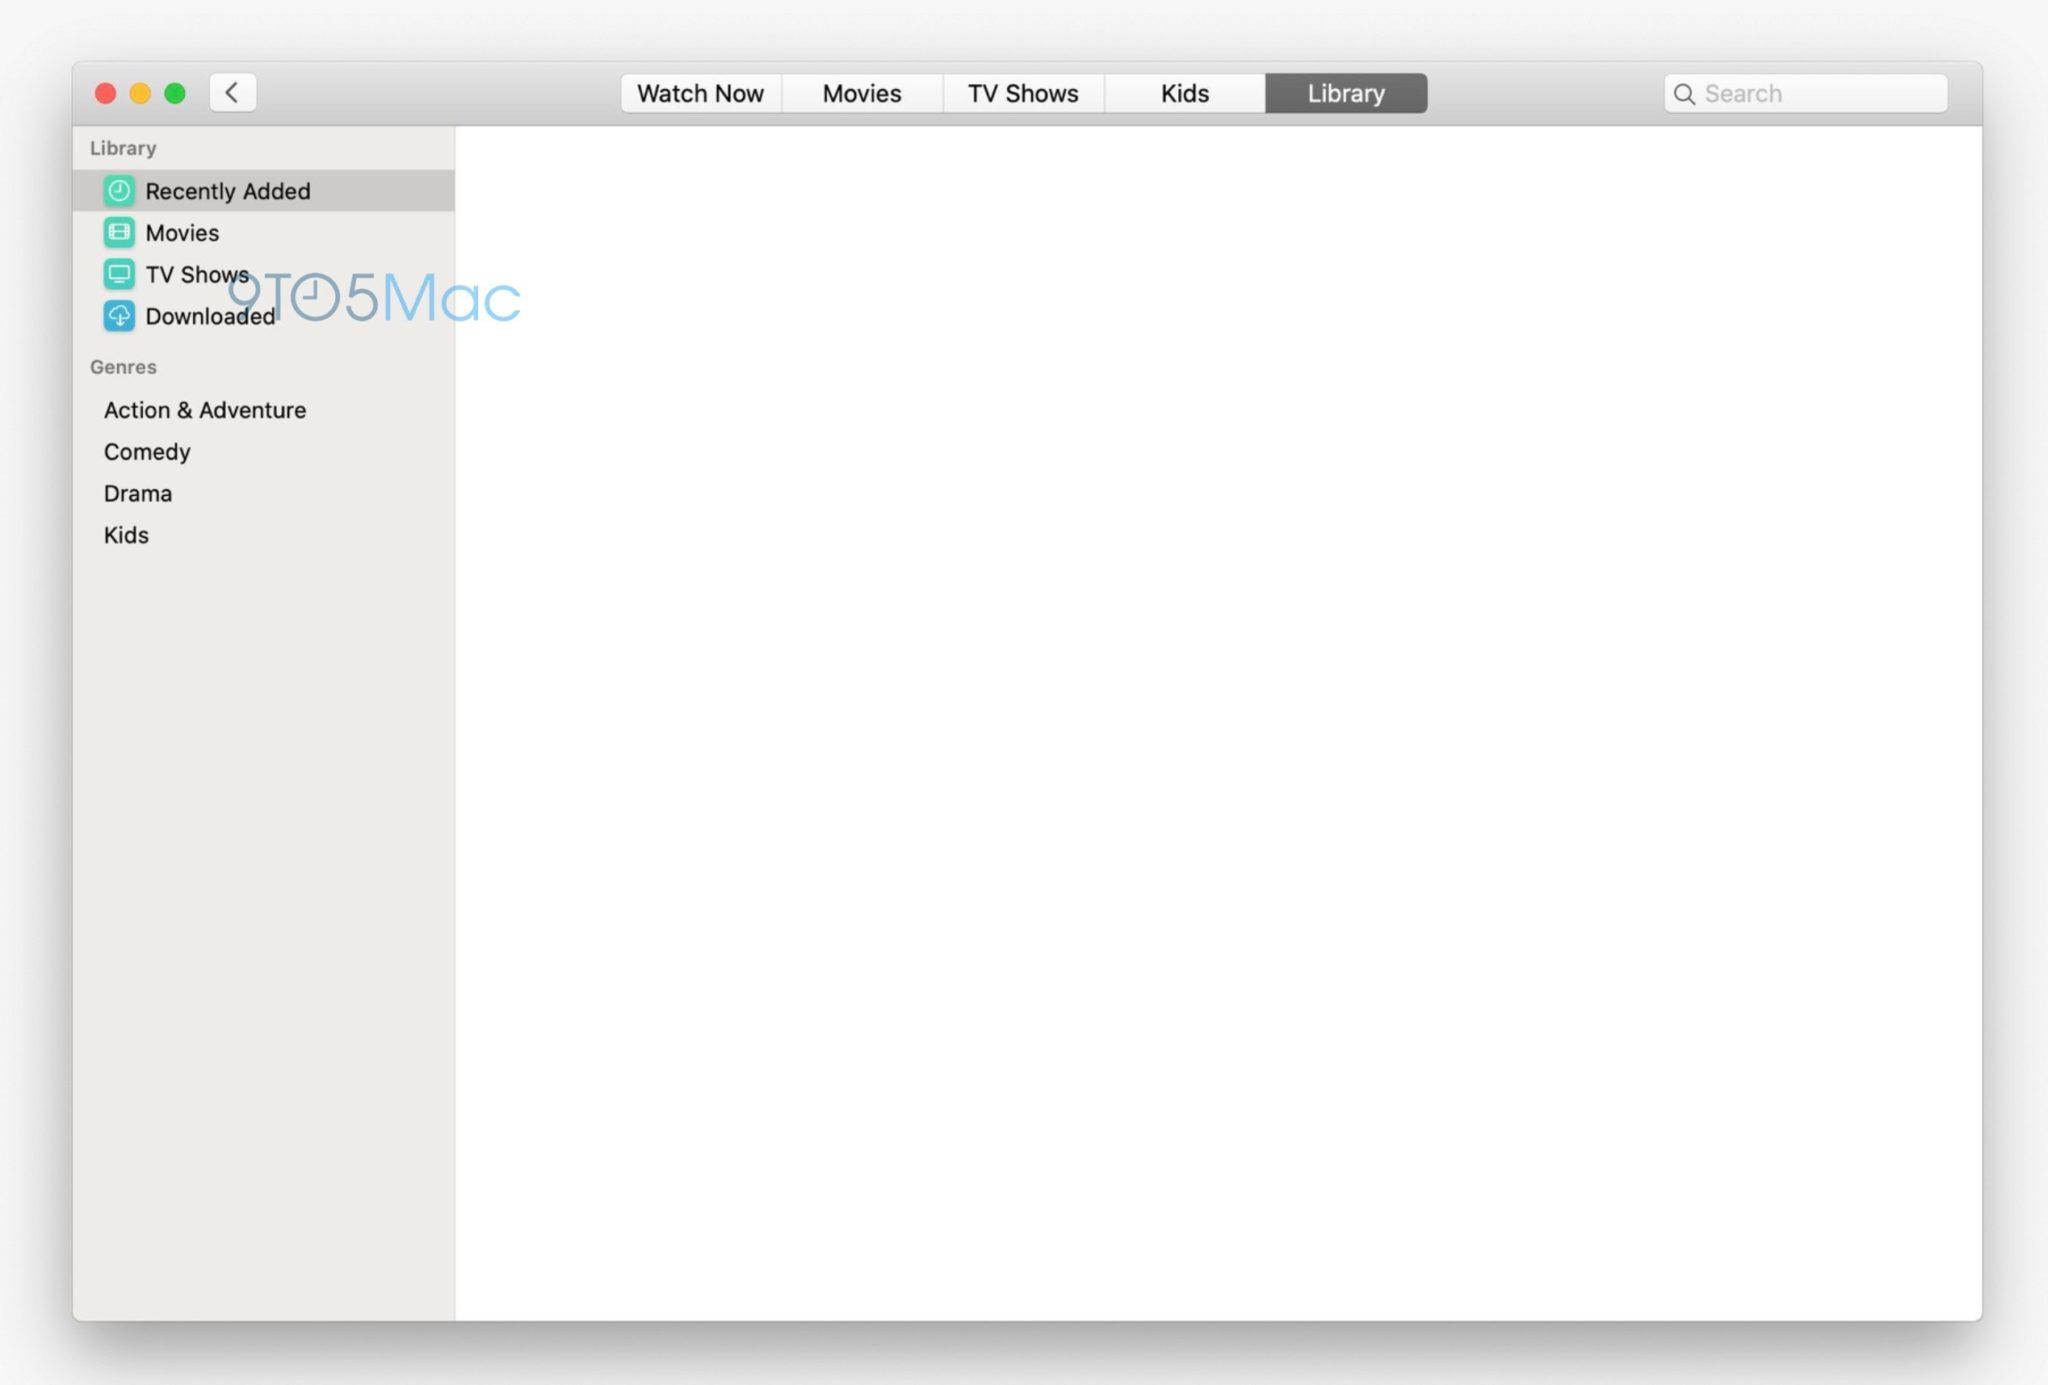 tv app macos 10.15 - Takto budú vyzerať nové hudobné a TV aplikácie v macOS 10.15